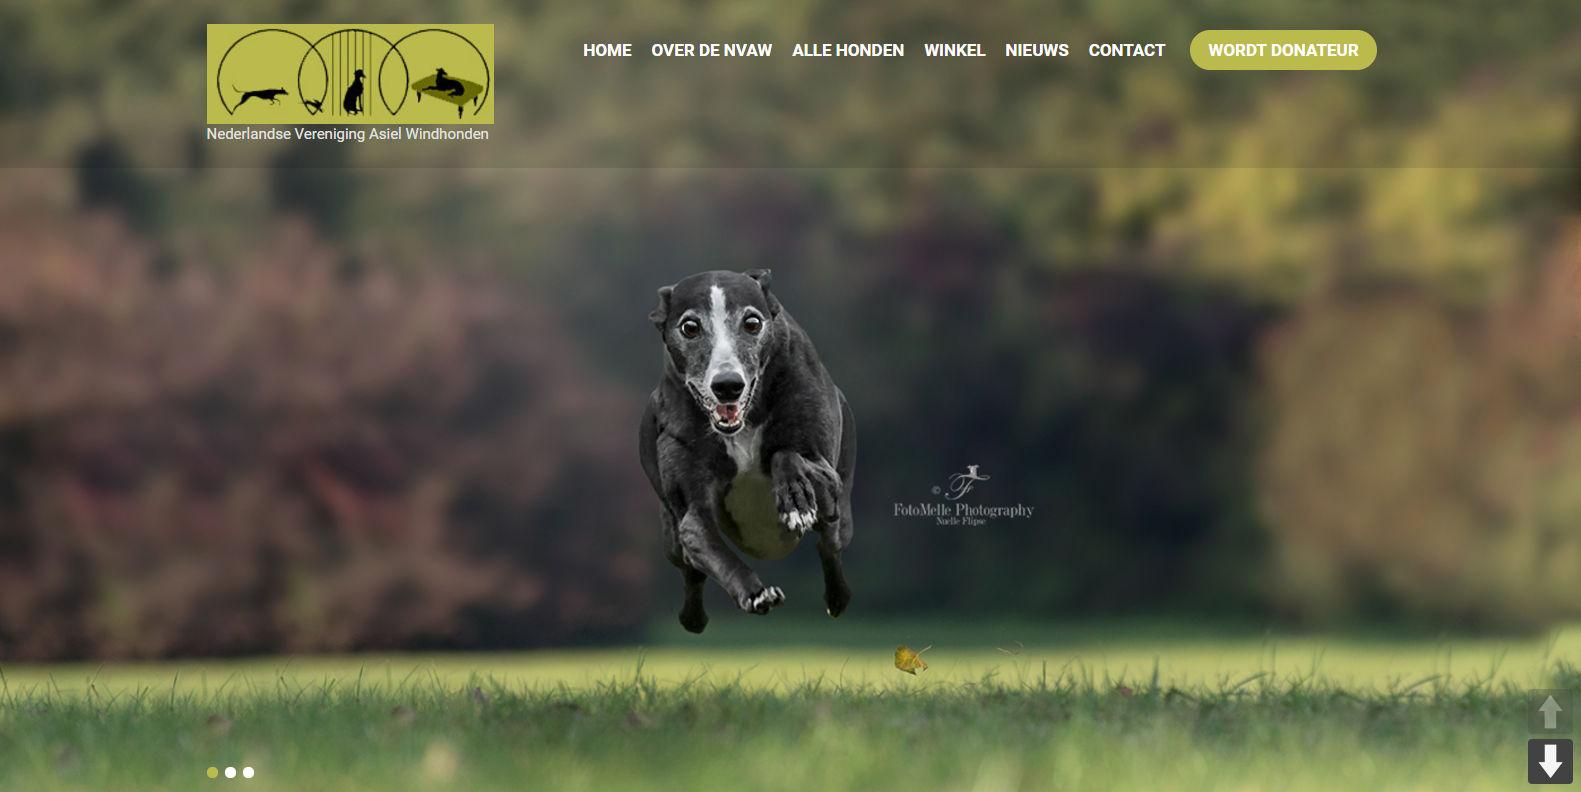 Nederlandse Vereniging voor Asielwindhonden